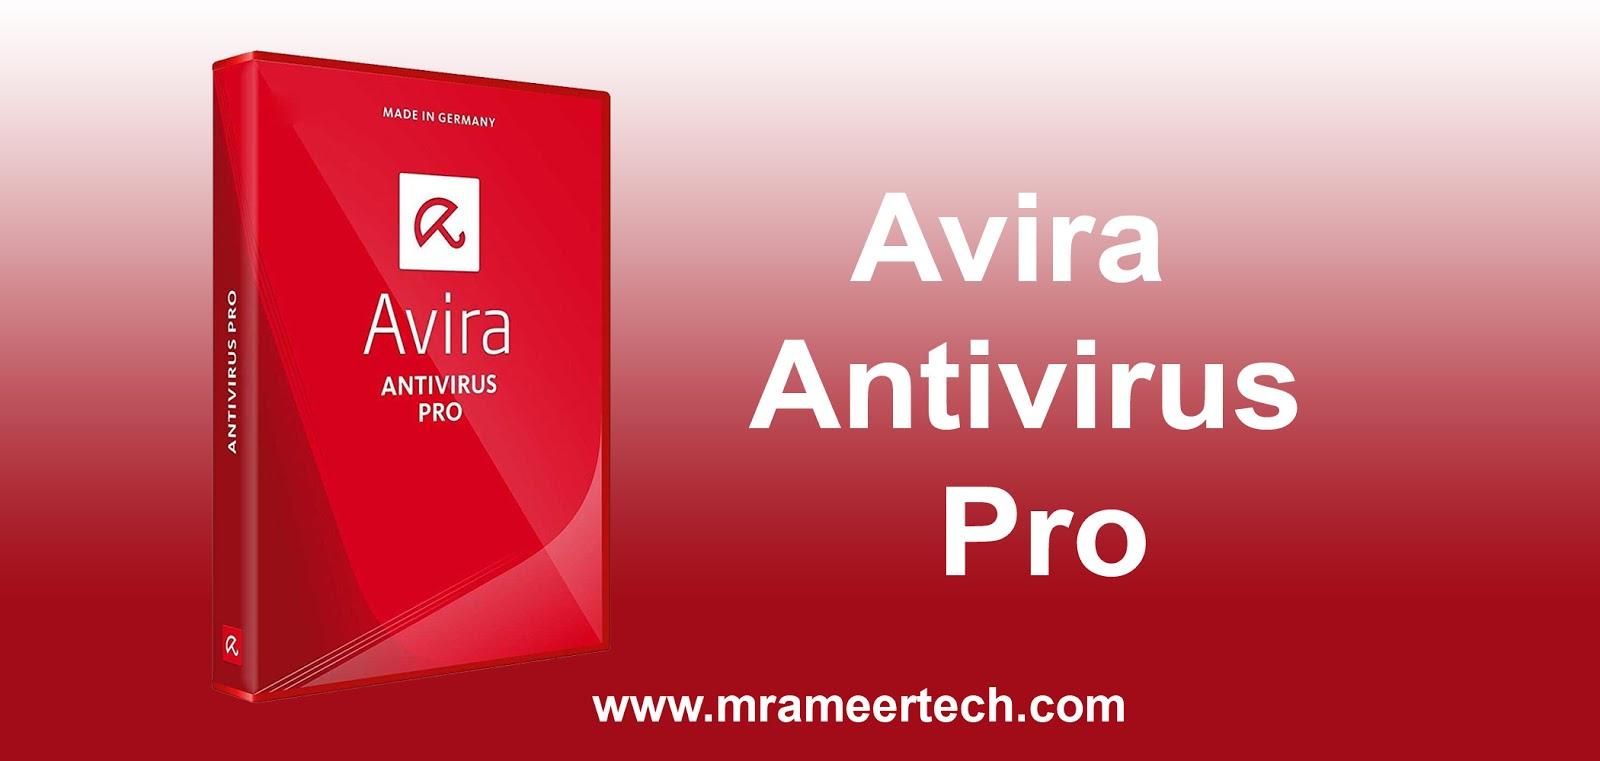 avira antivirus free download for windows 7 64 bit with key